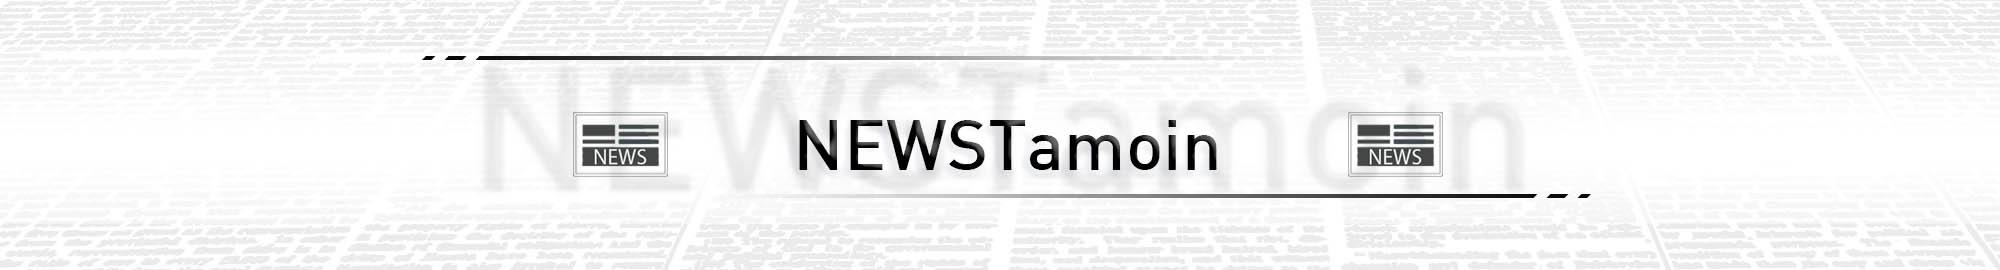 noticias slide cabecera 1